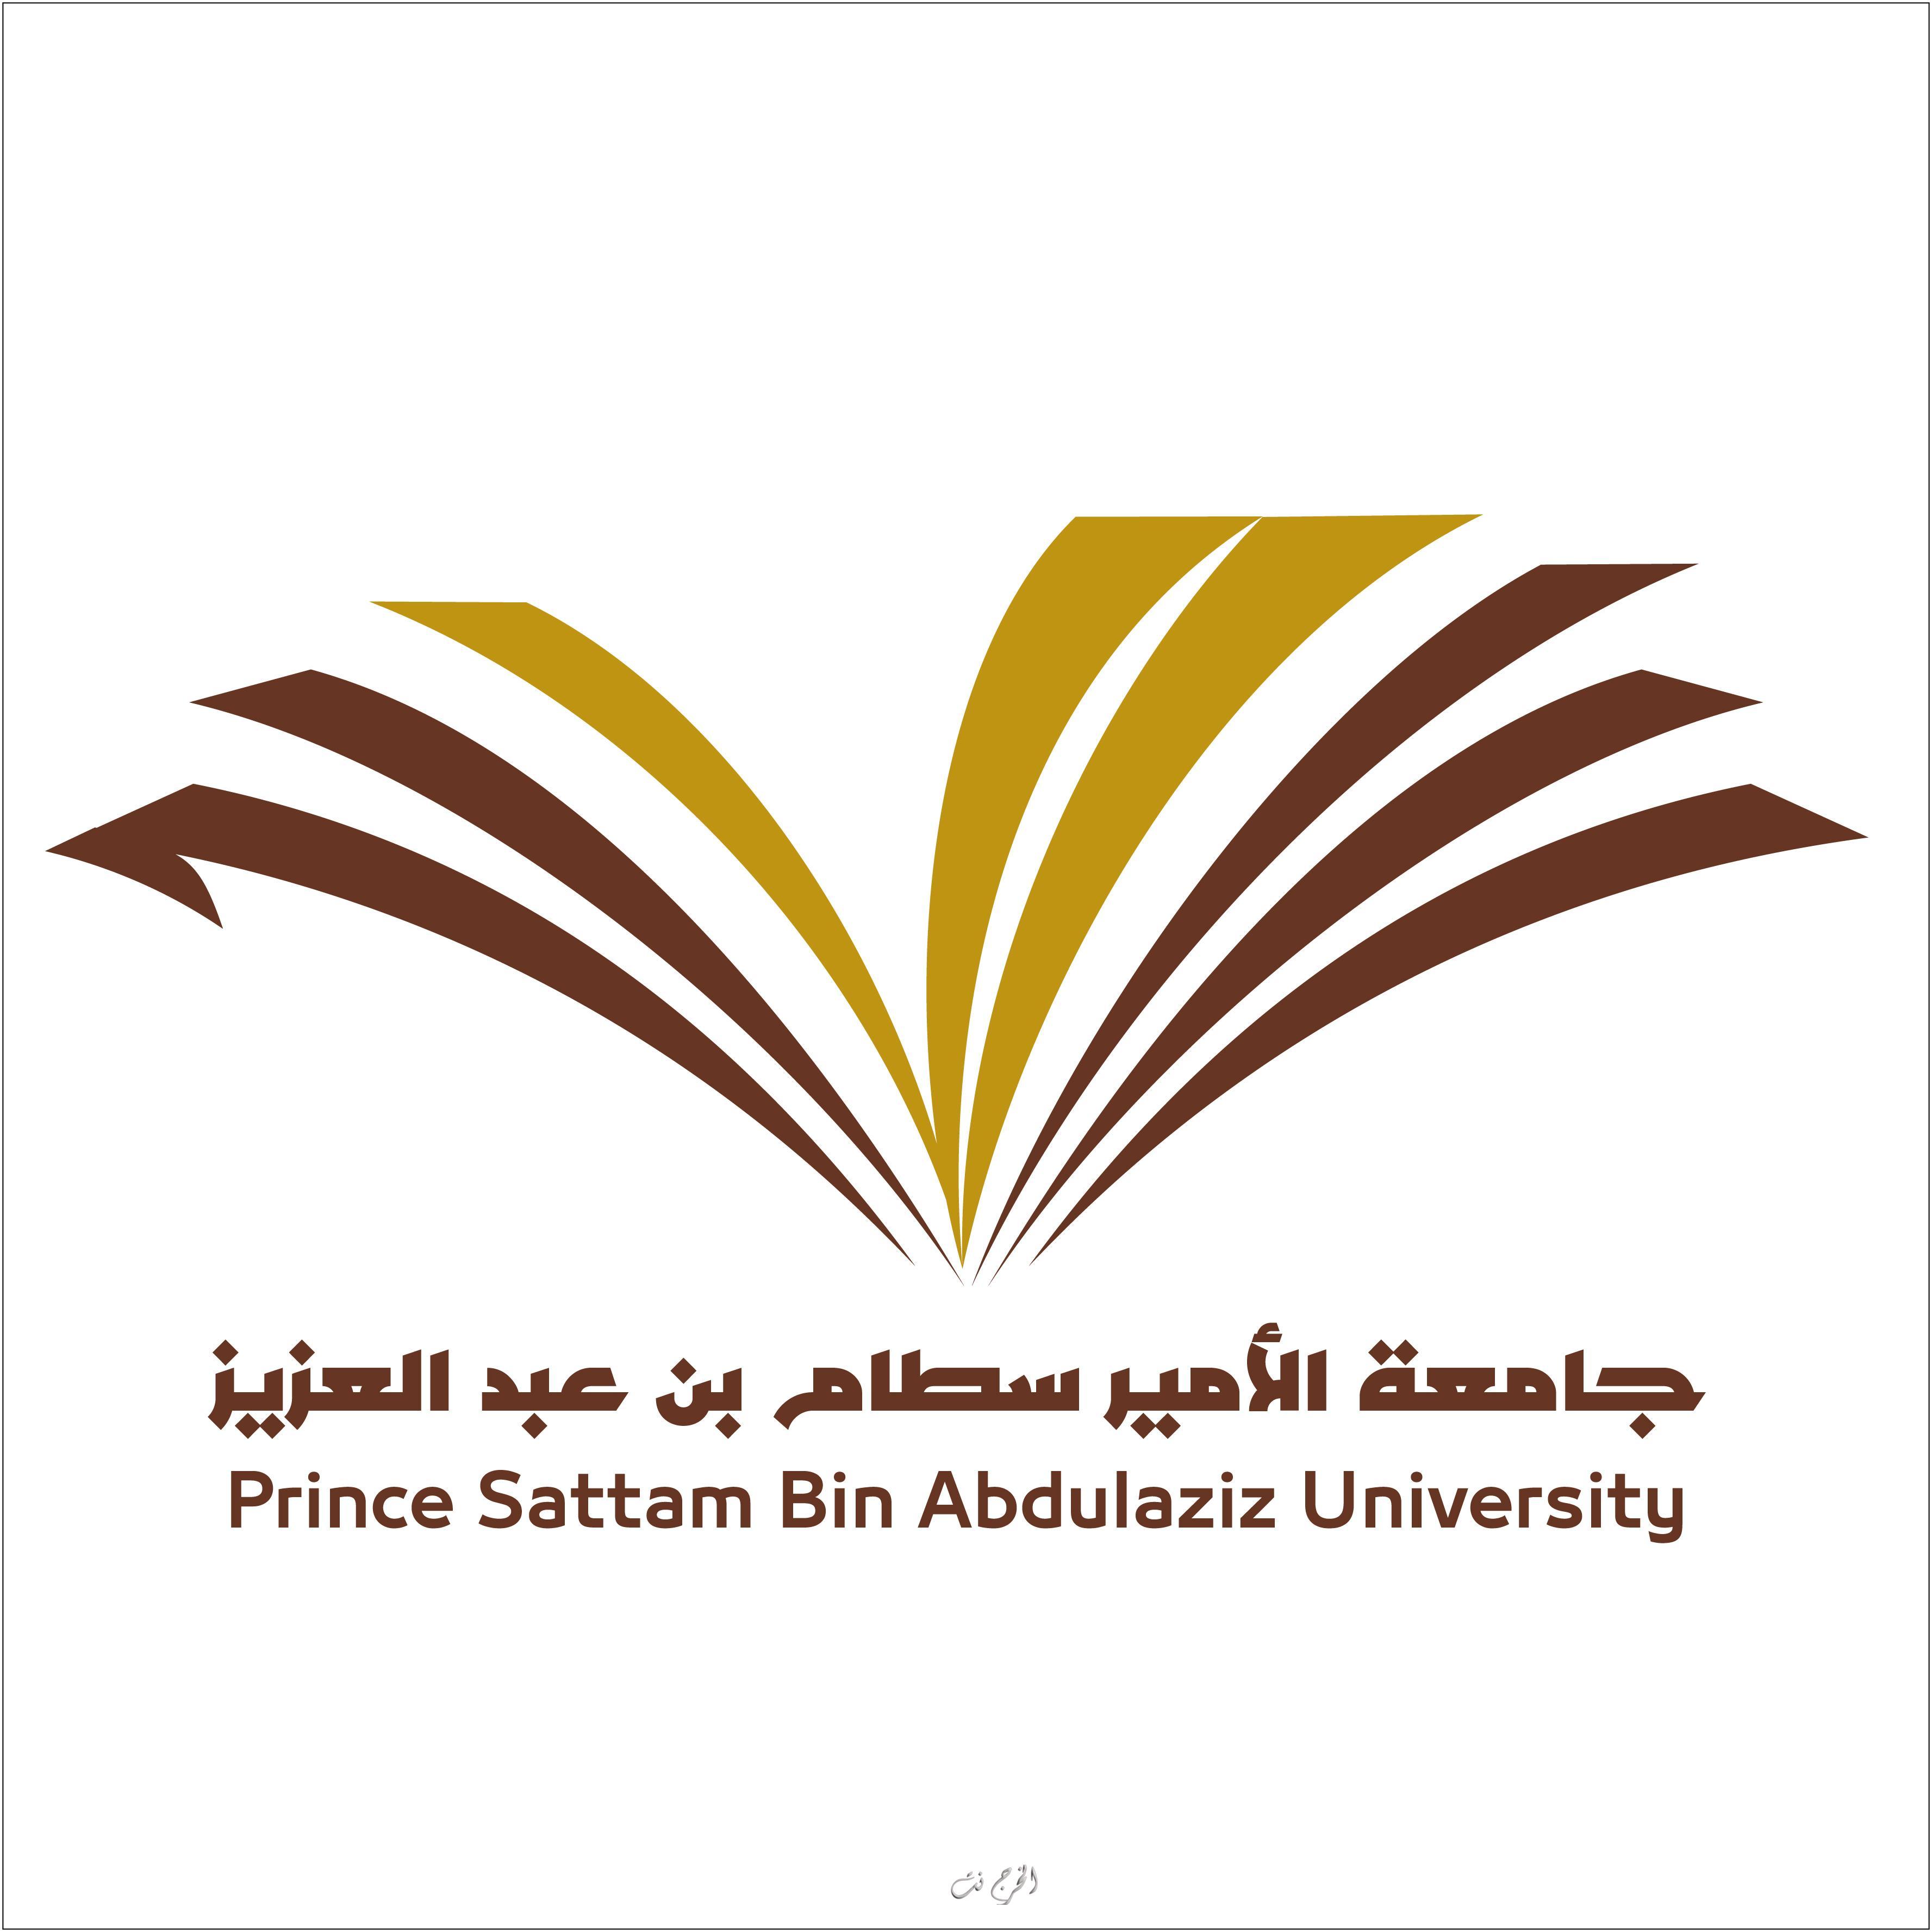 وظائف شاغره في جامعة الأمير سطام بن عبد العزيز